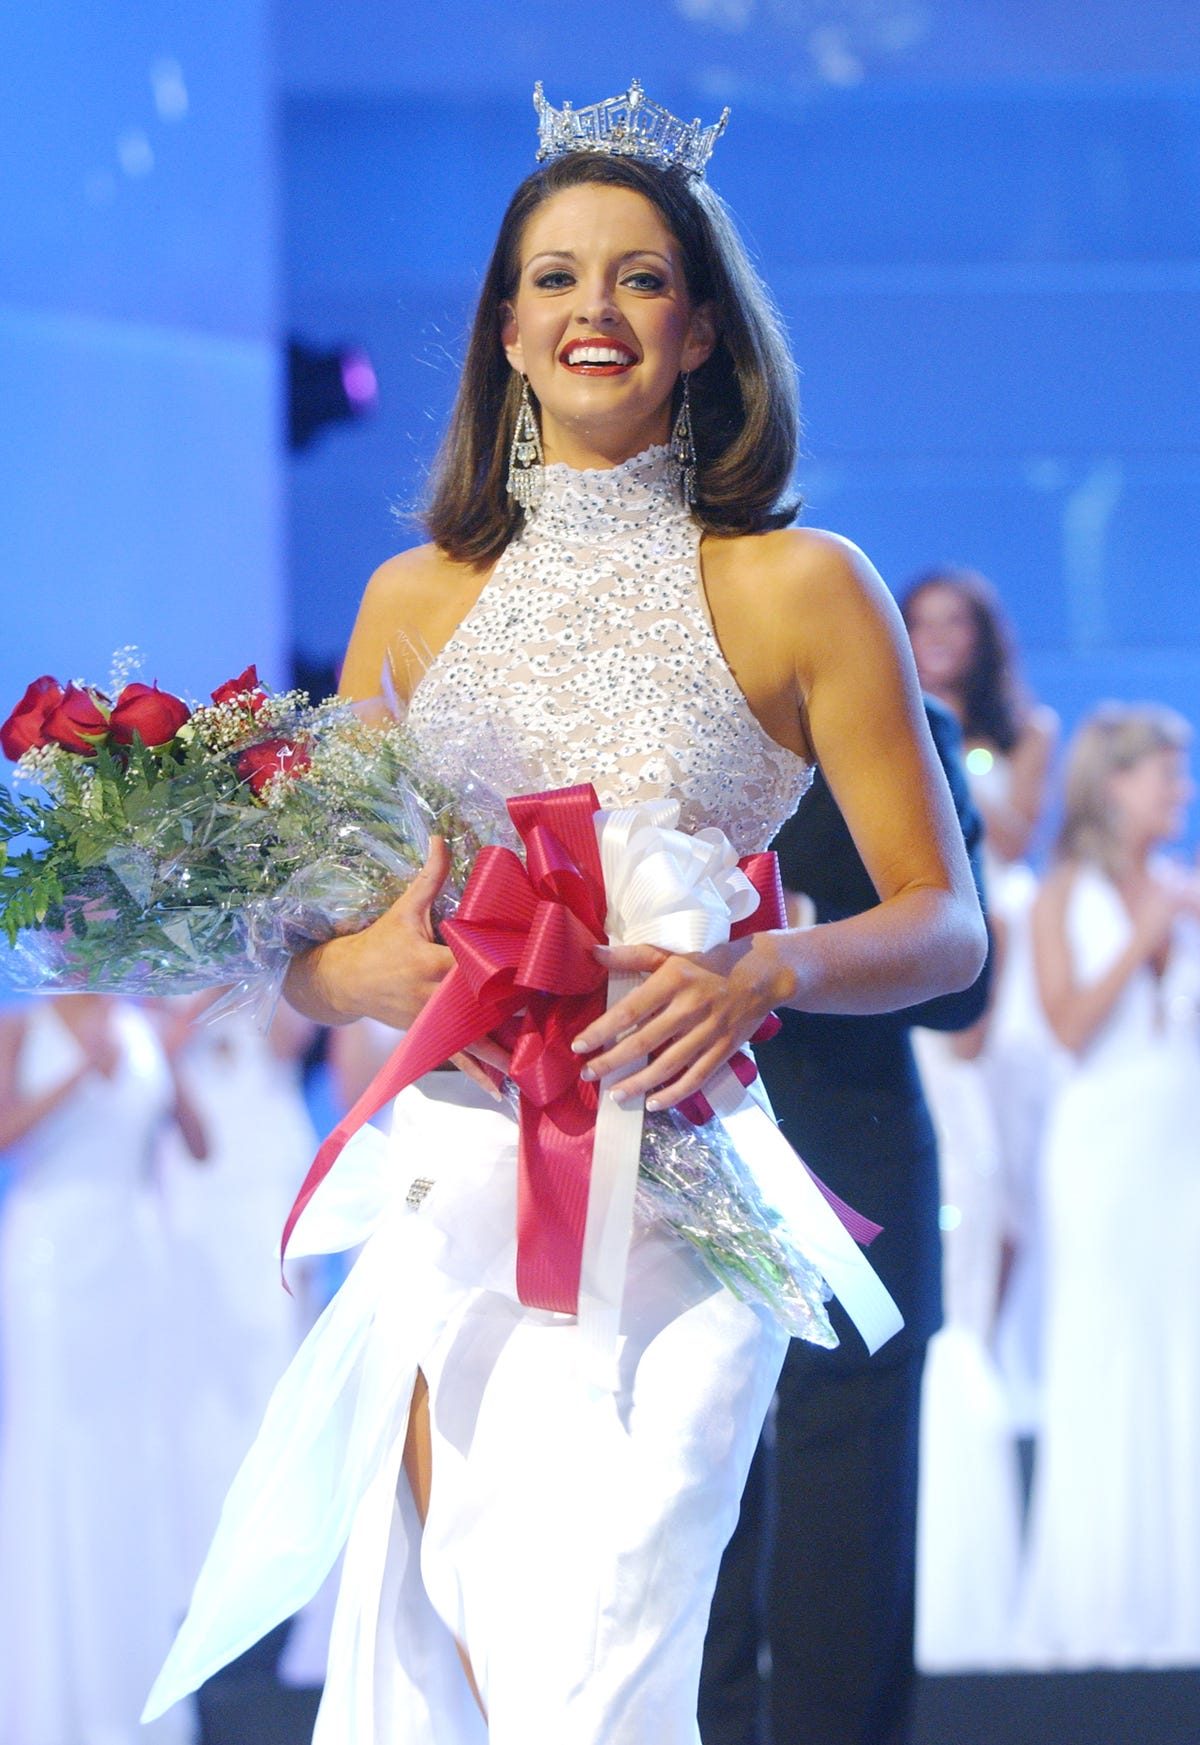 Deidre Downs Gunn, former Miss America, marries same-sex partner